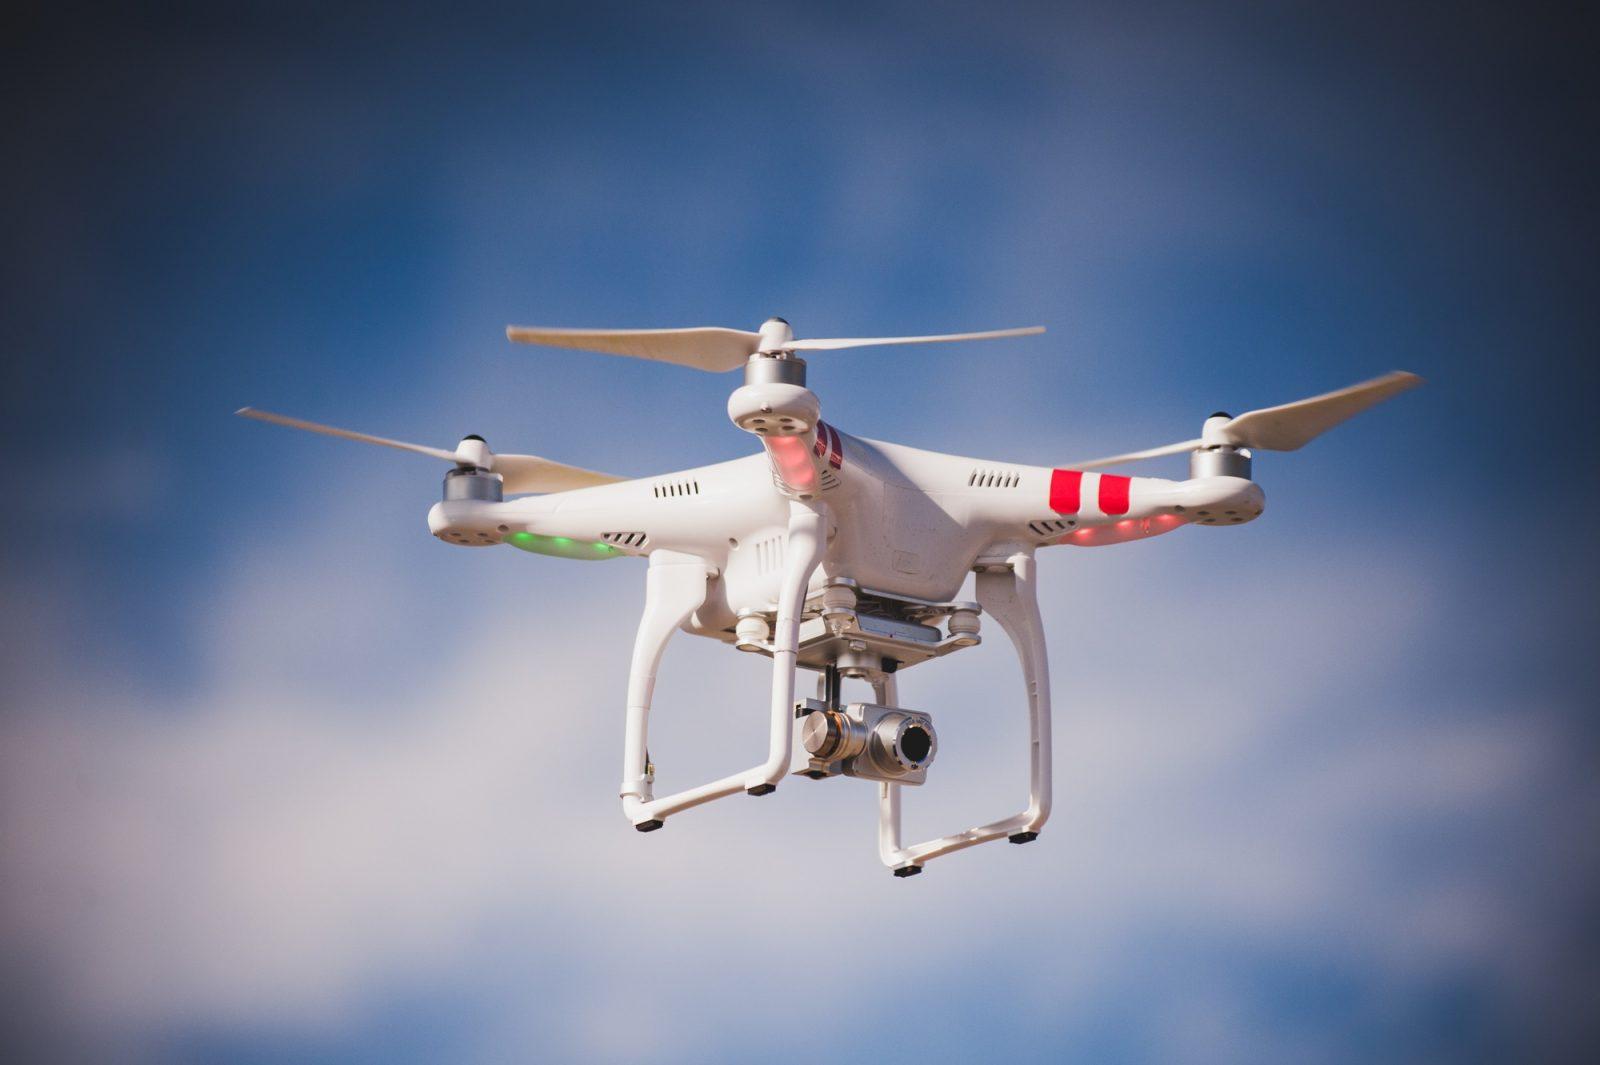 Drone : un nouveau règlement sera en vigueur dès le 1er juin